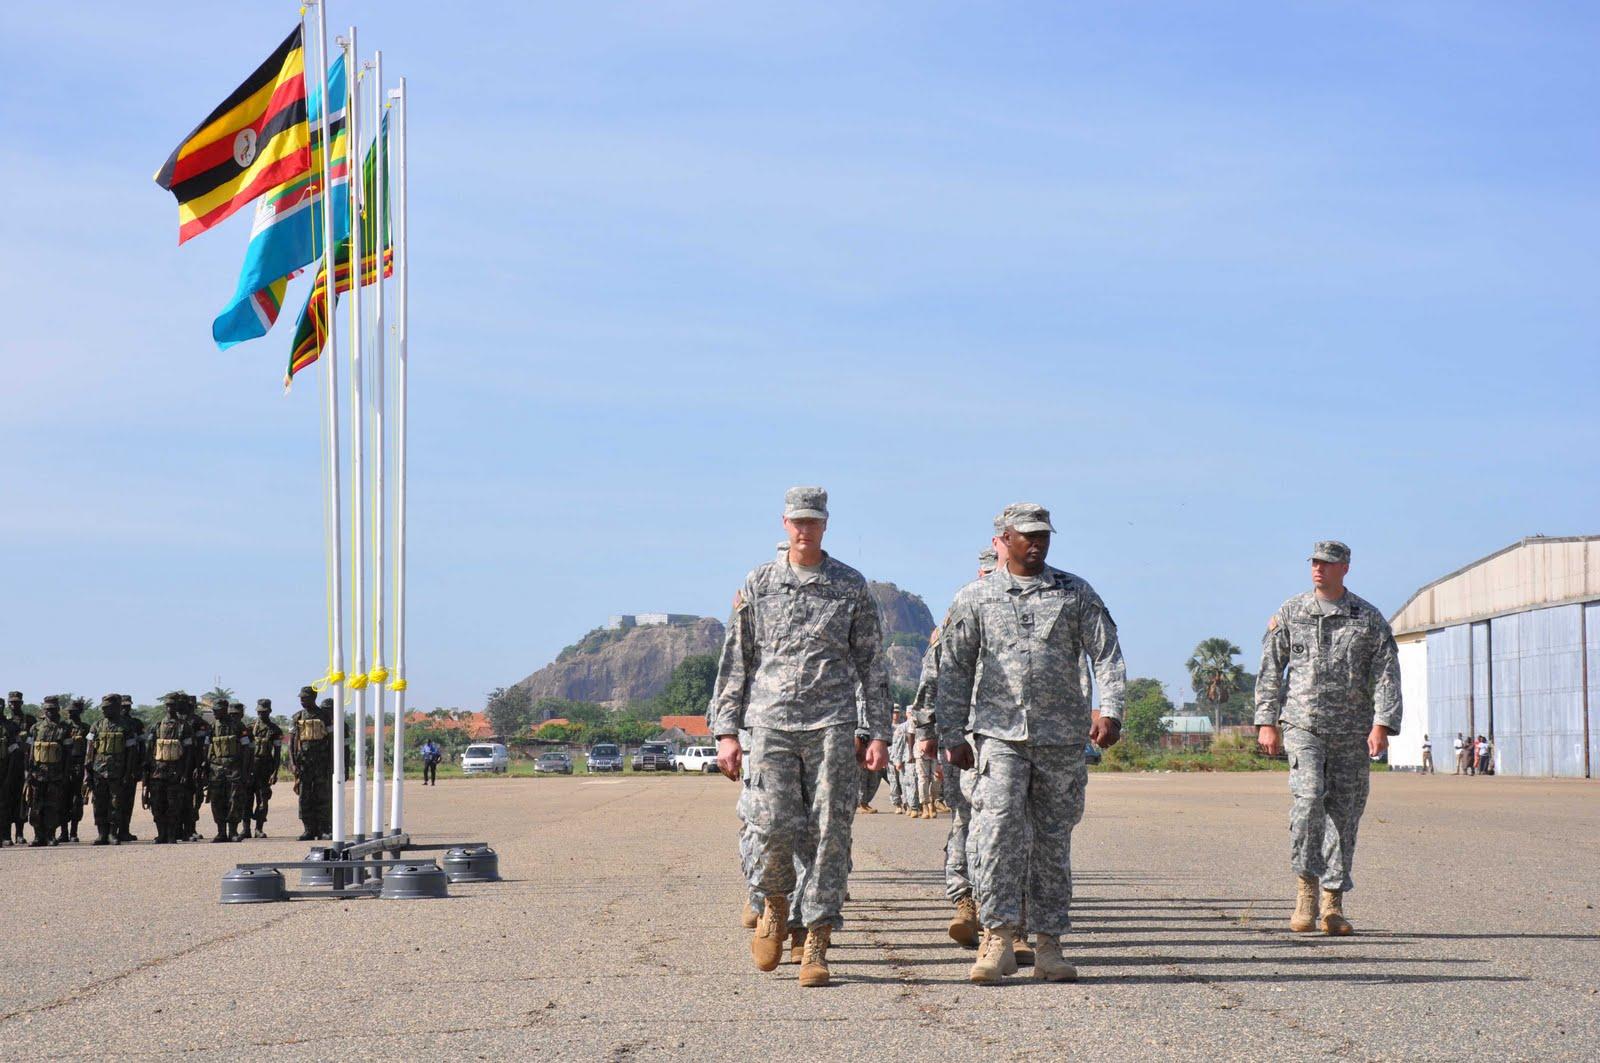 A que se deve a presença do Exército dos EUA (US Army) no Continente Africano